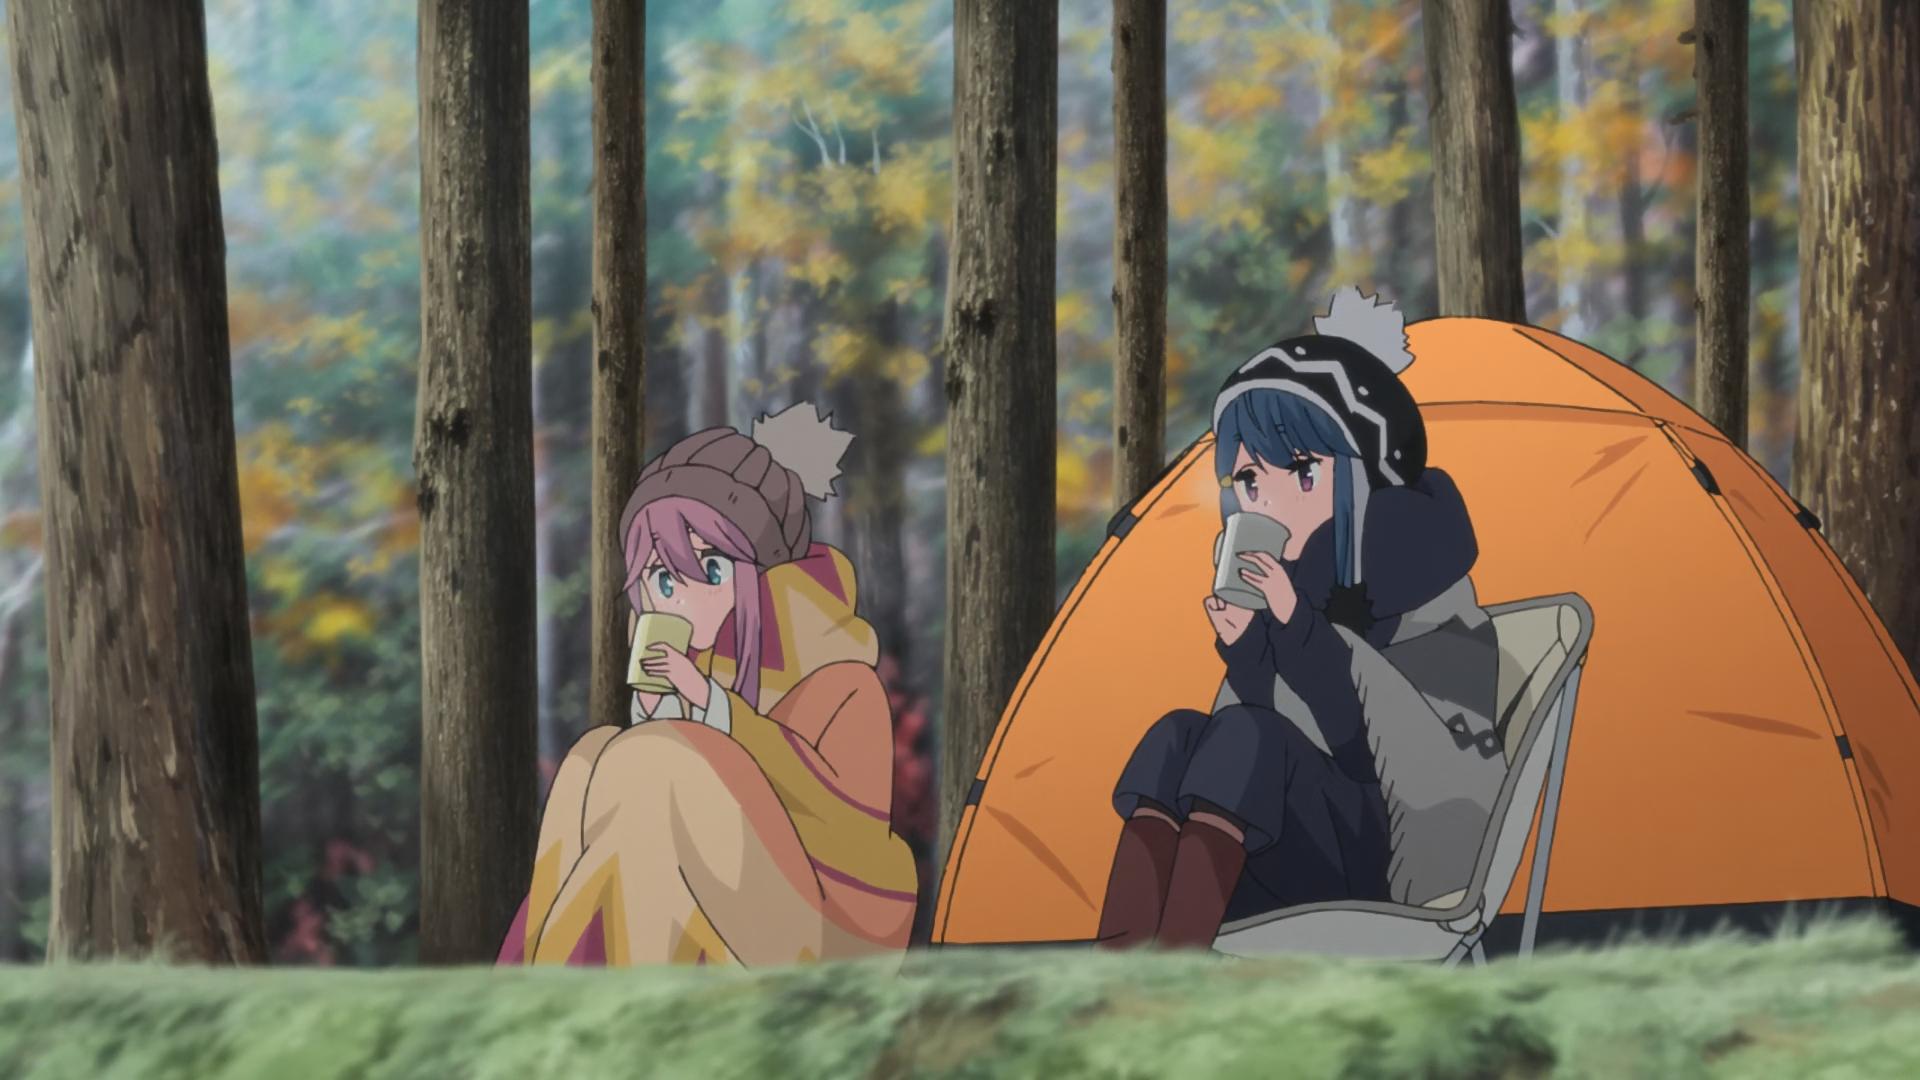 Nadeshiko y Rin beben chocolate caliente en el campamento relajado